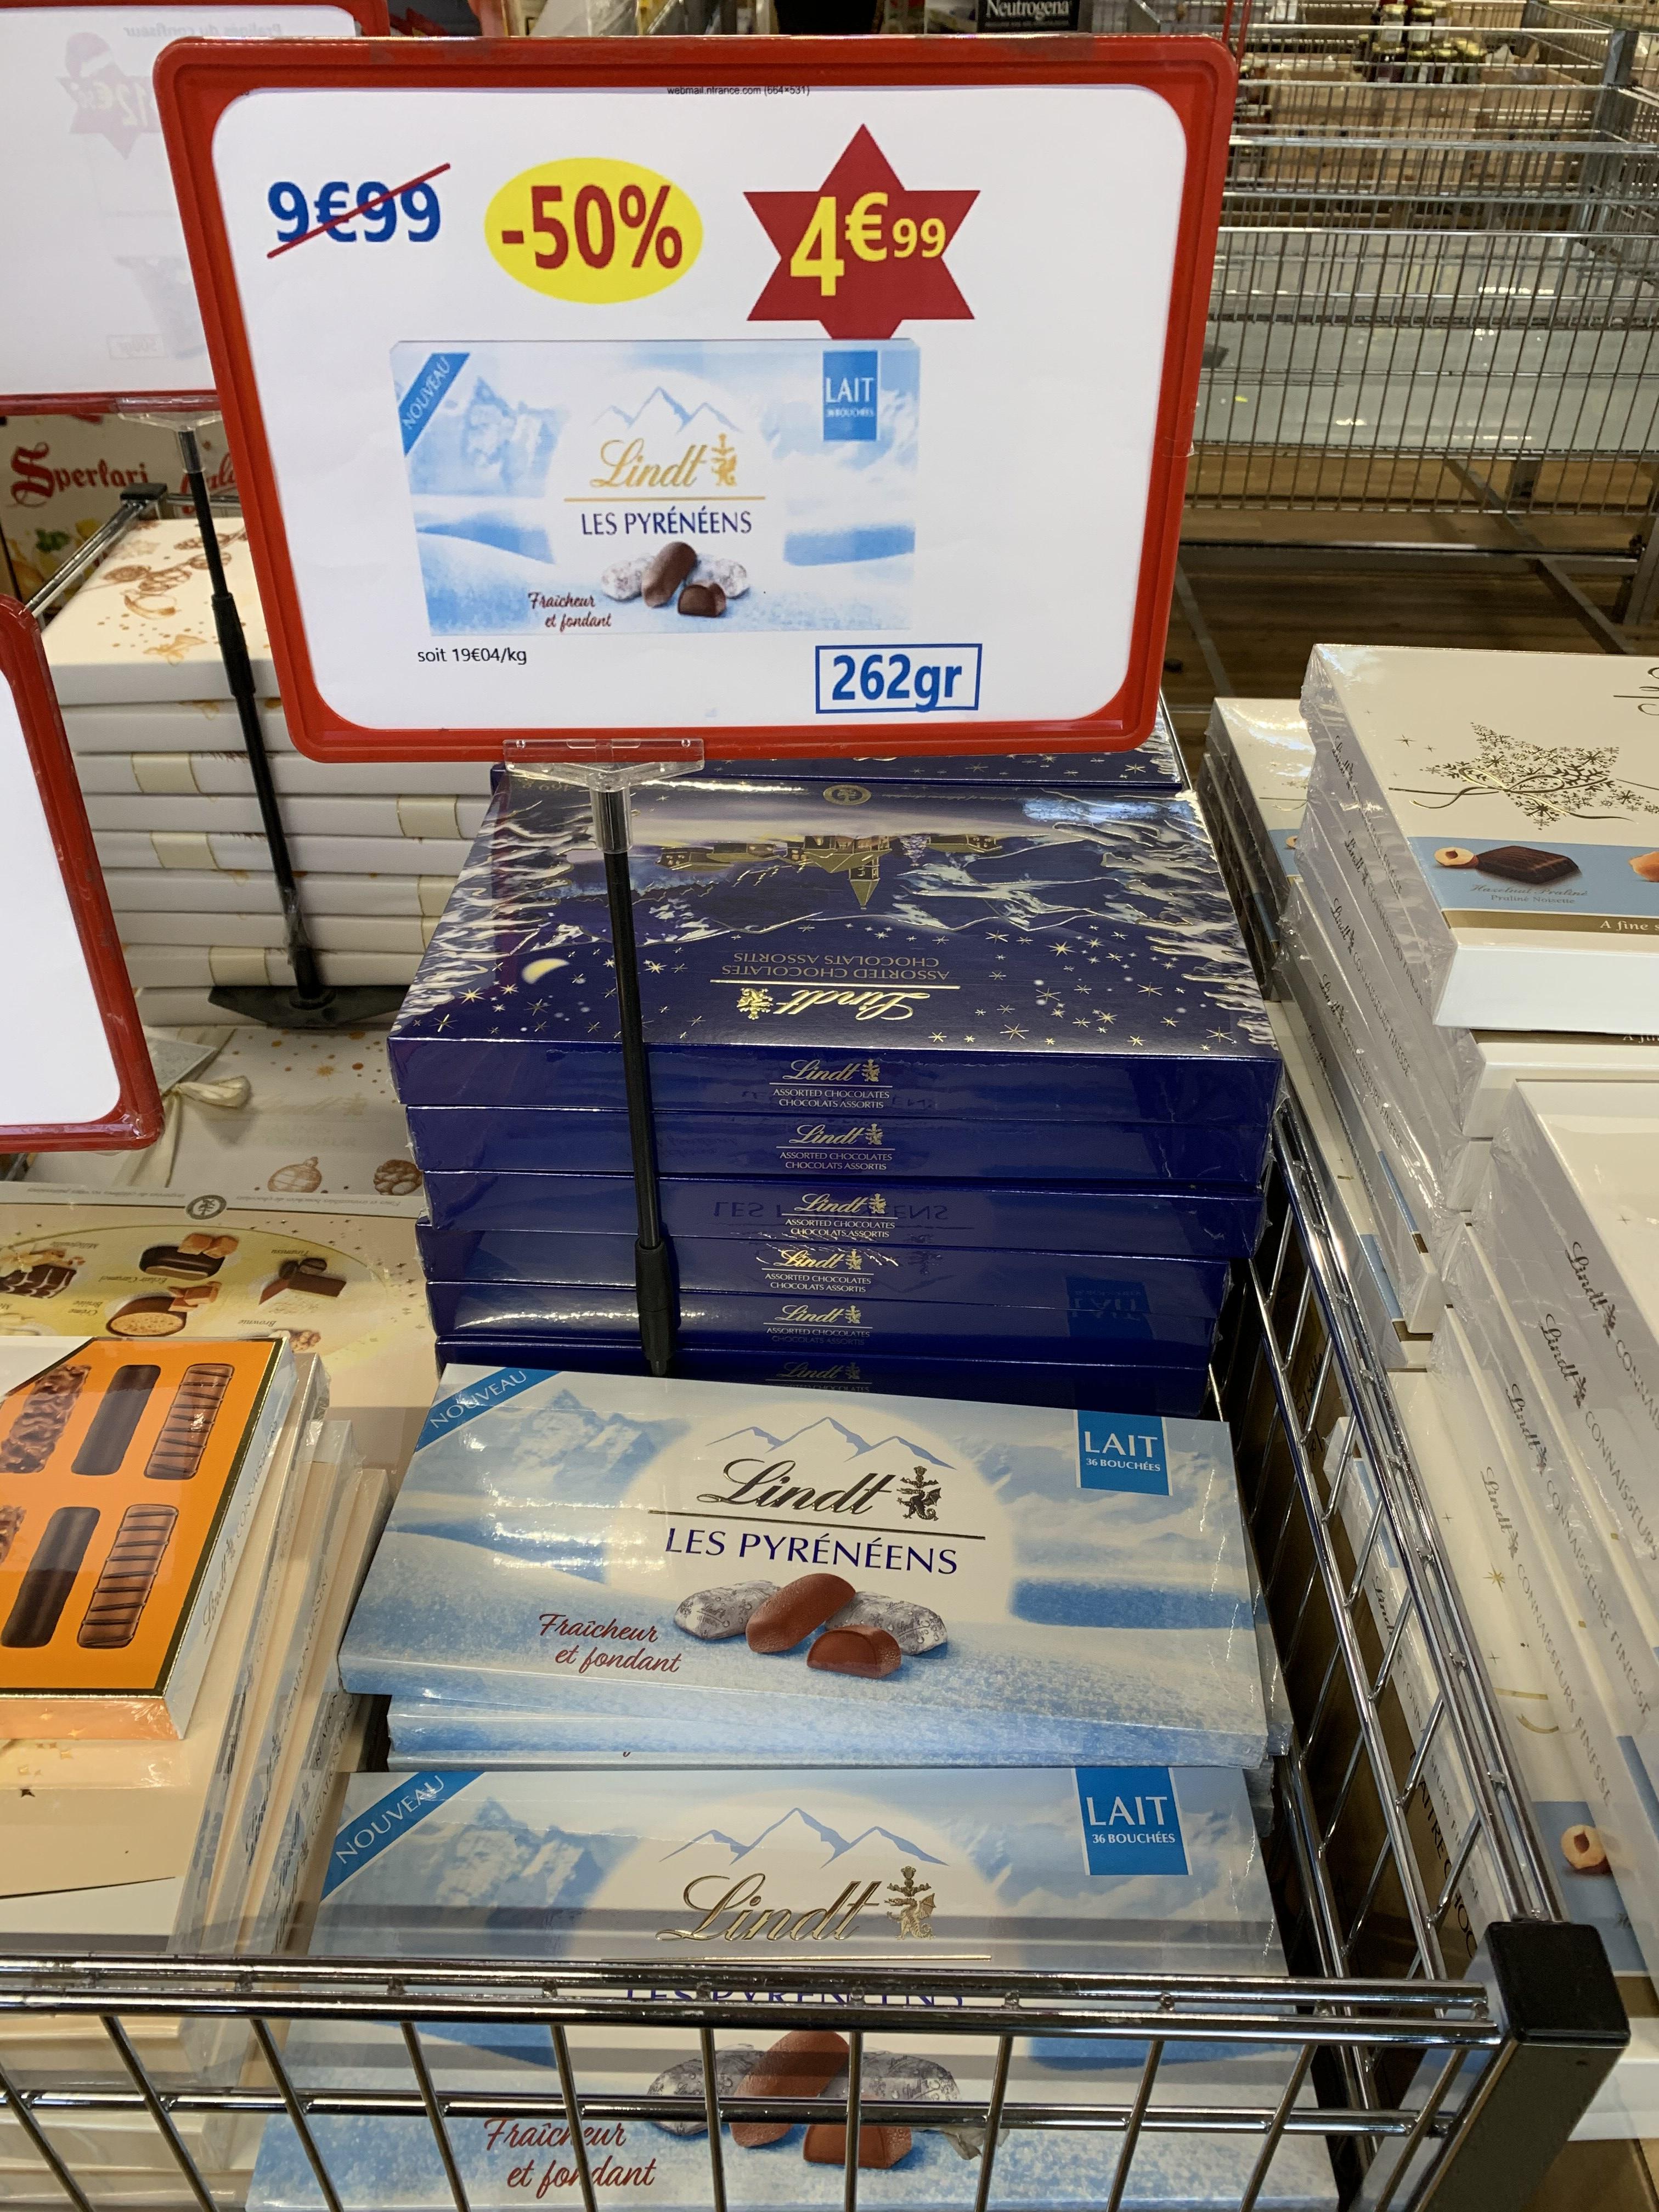 50% de réduction sur une sélection de chocolats Lindt - Ex : boîte Les Pyrénéens (262 g) - Cauffry (60)